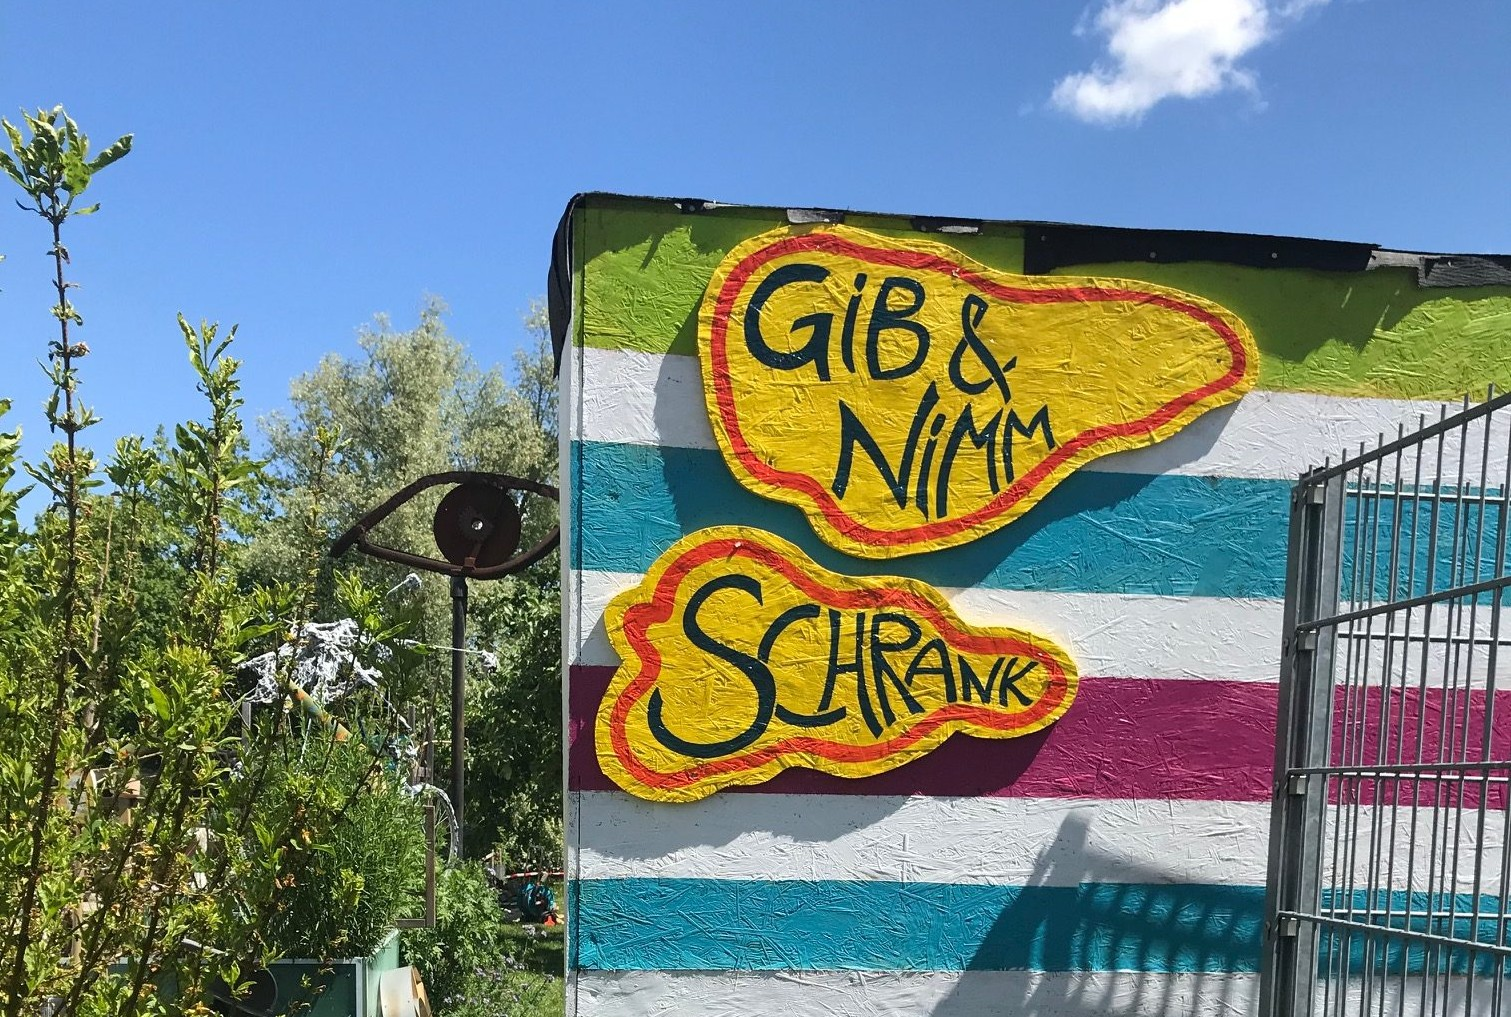 Bild des Gib und Nimm Schranks